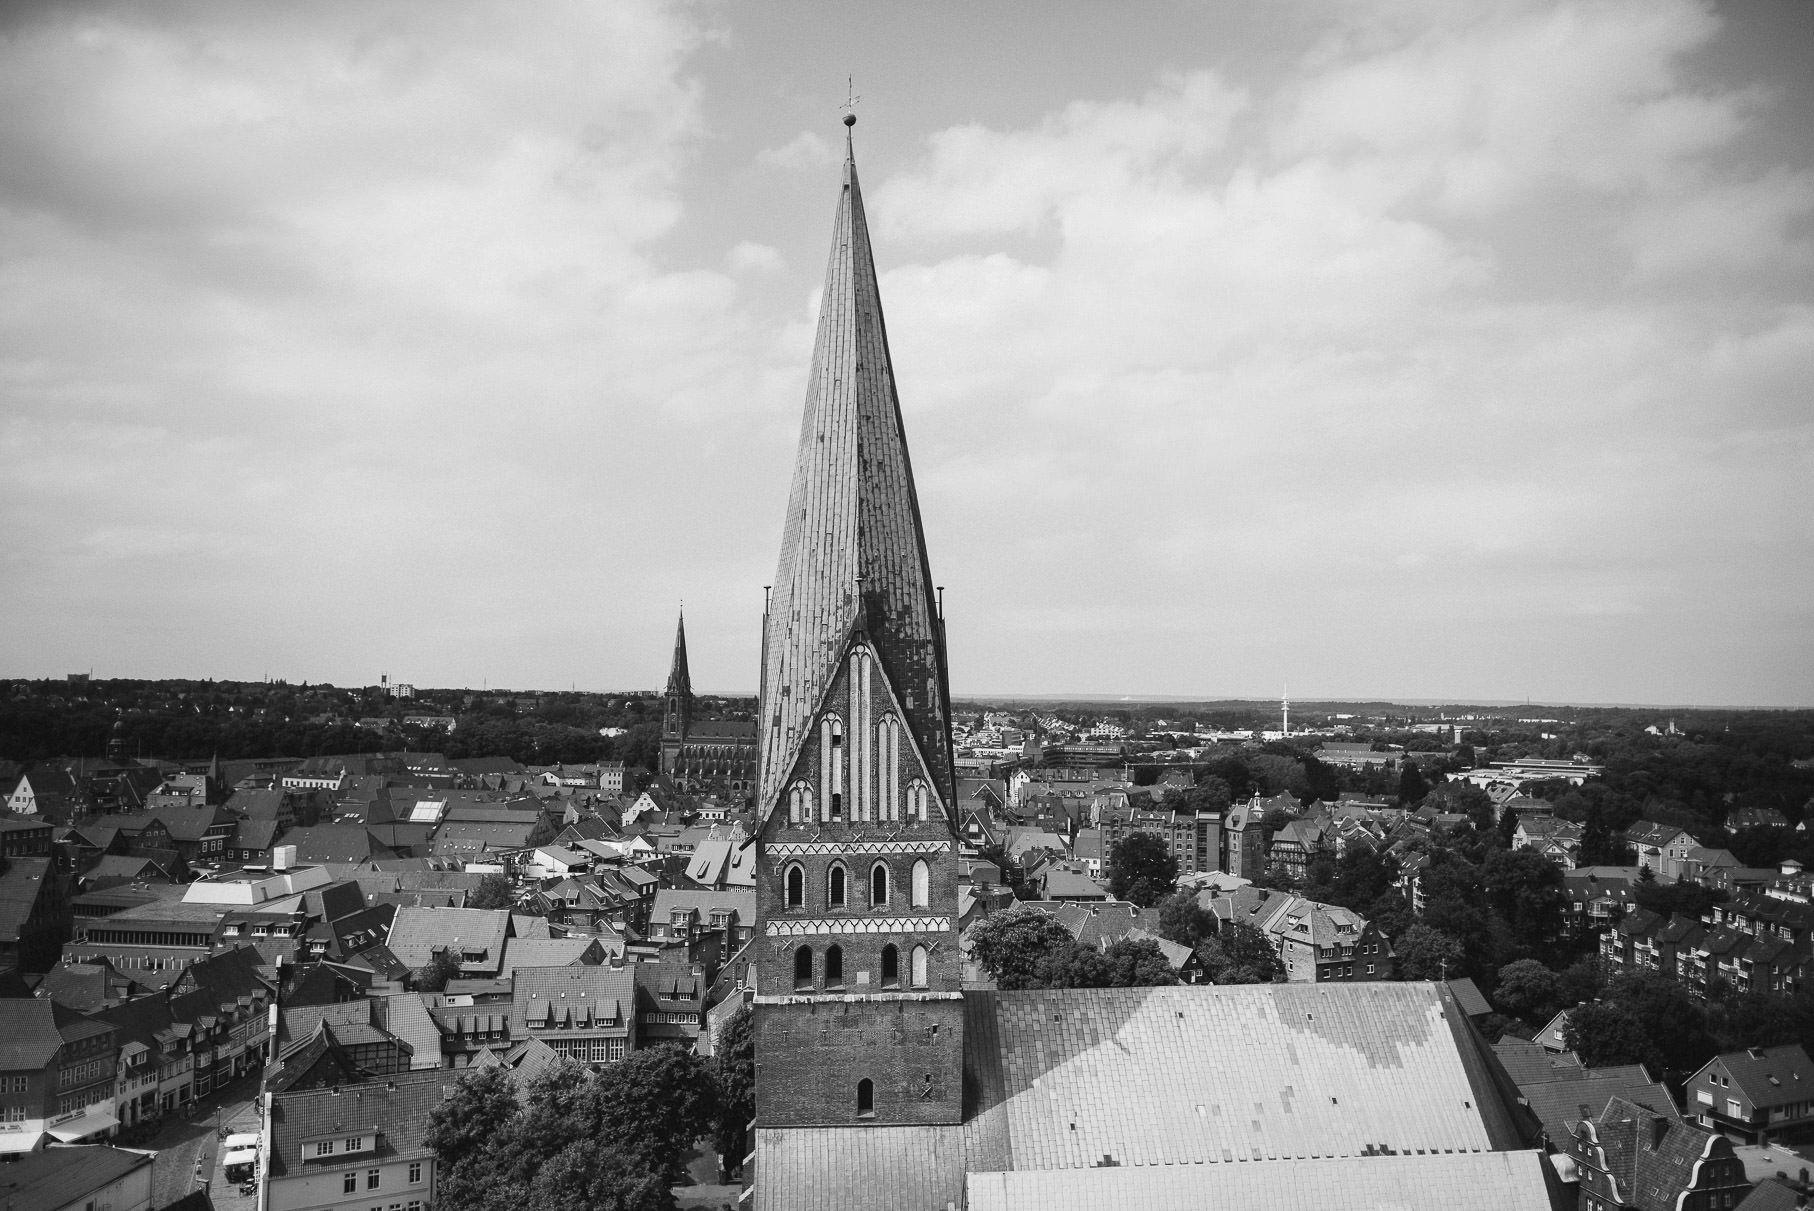 0039 jus 812 9088 - Hochzeit im Wasserturm Lüneburg - Jenny & Sascha